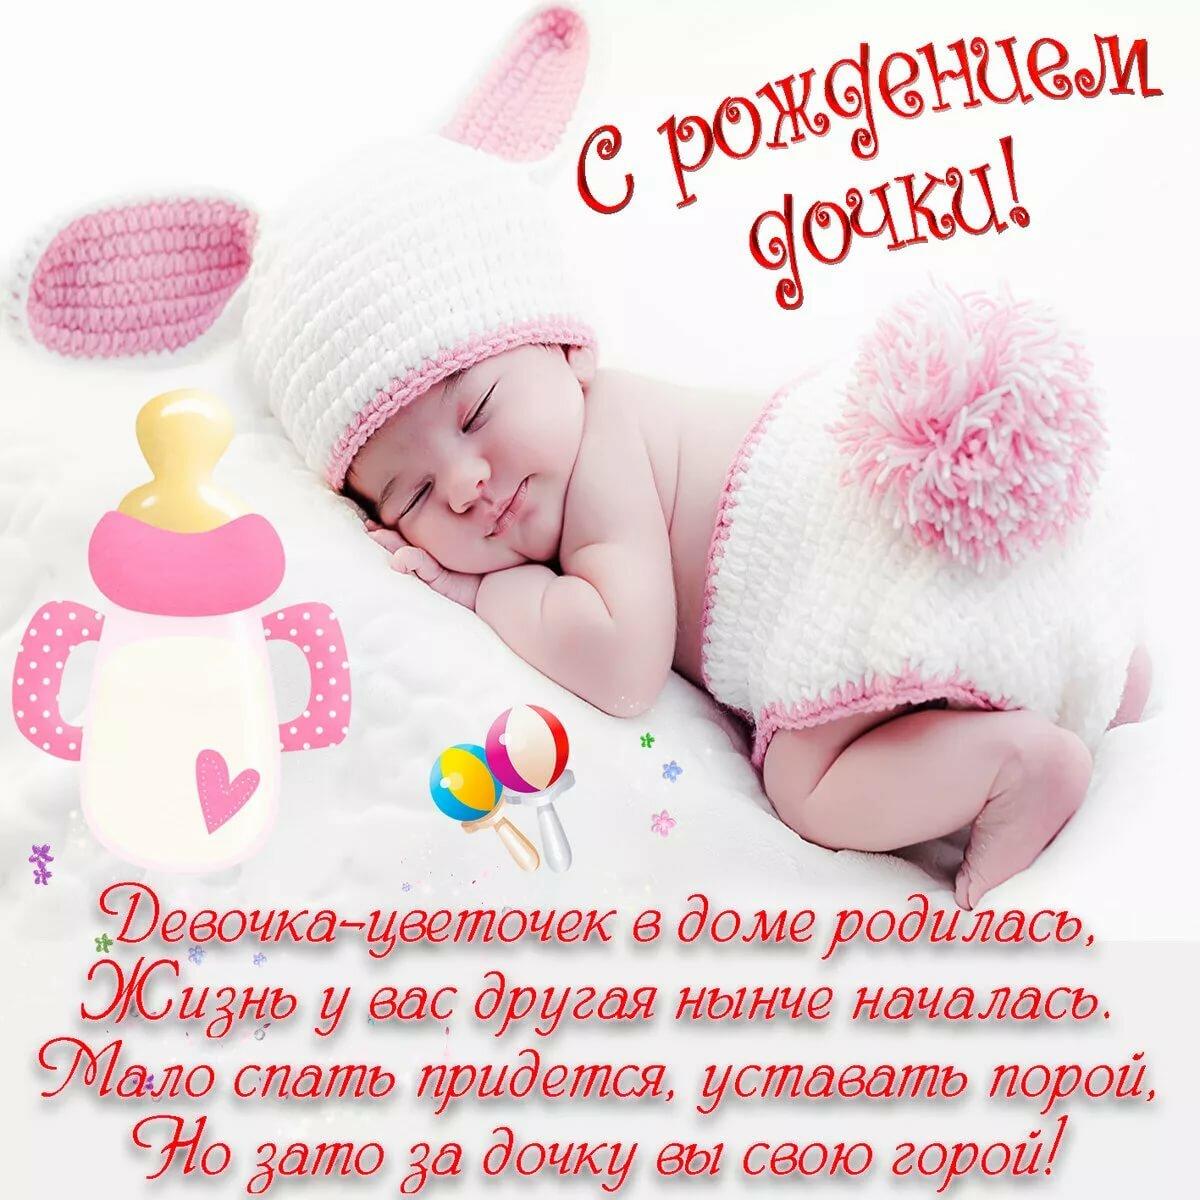 Поздравление в прозе отцу с новорожденной дочкой